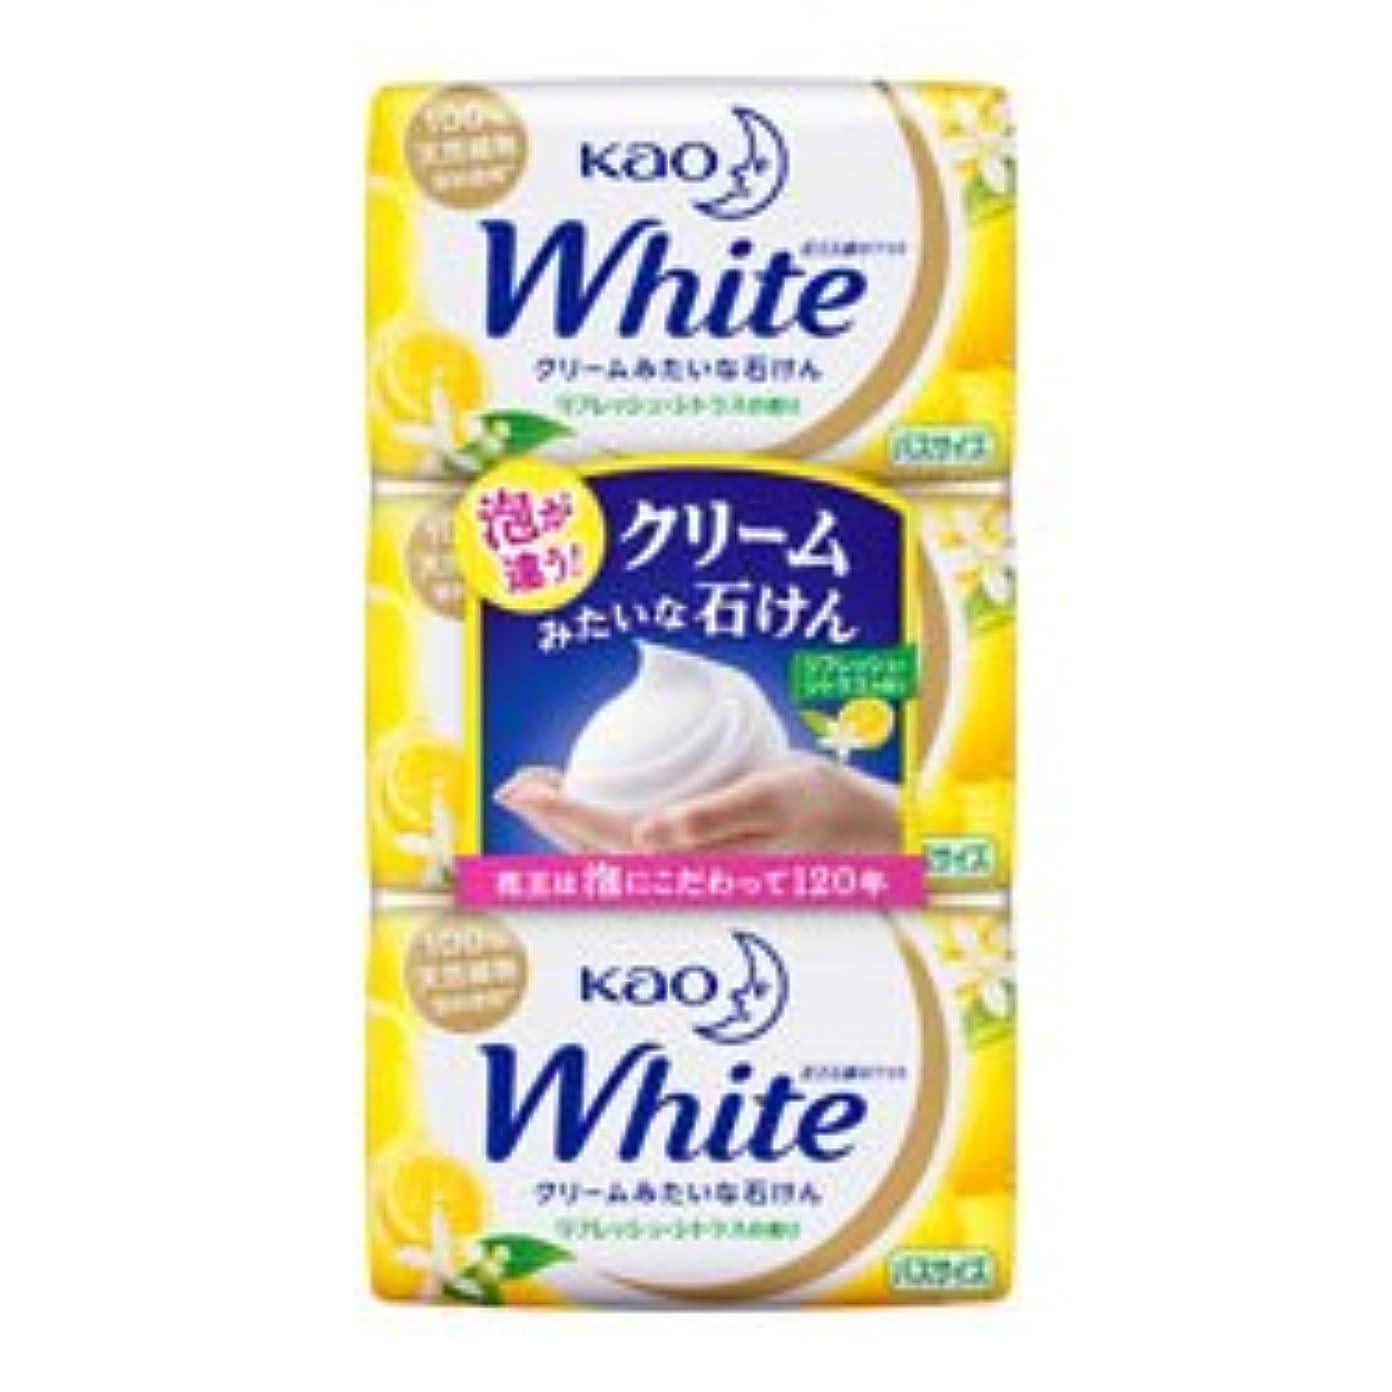 泣き叫ぶアルネ厚さ【花王】ホワイト リフレッシュ?シトラスの香り バスサイズ 130g×3個入 ×20個セット